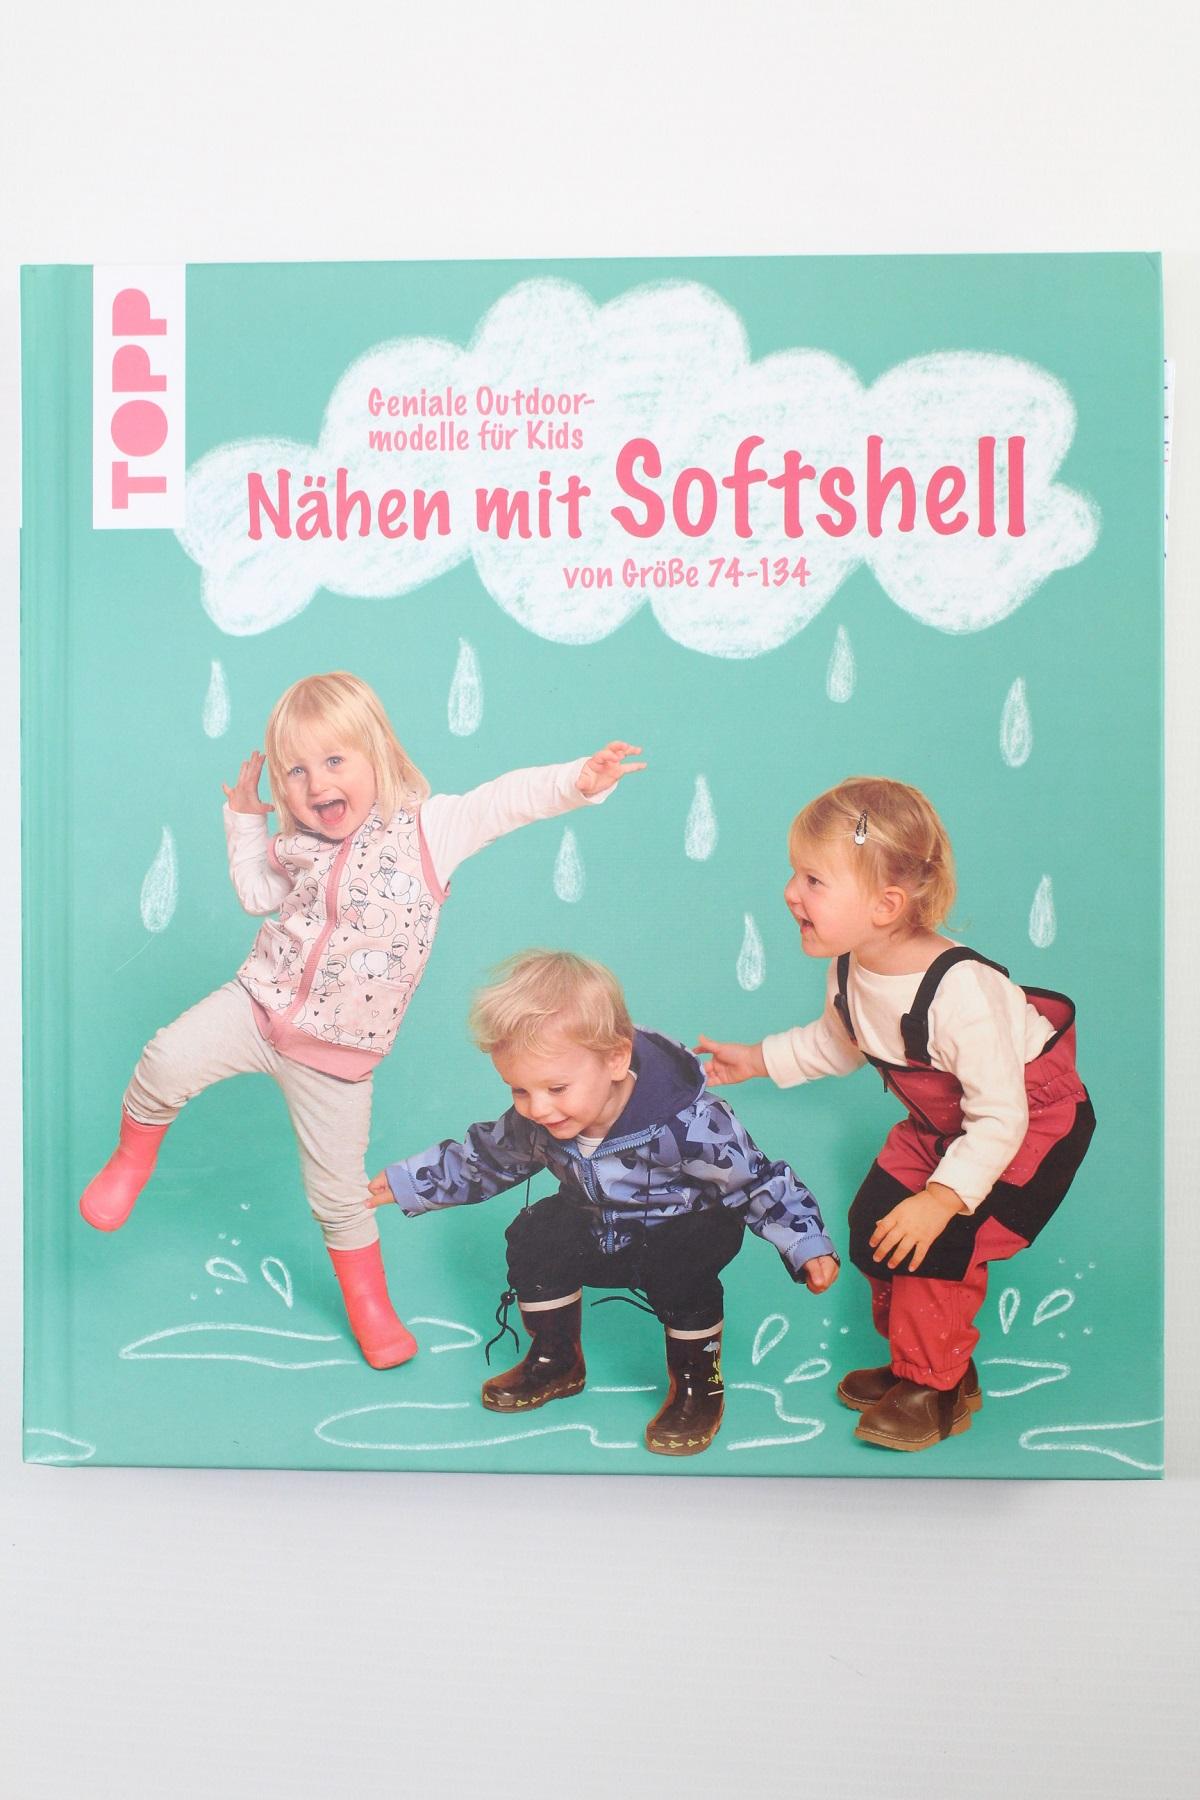 Nähen mit Softshell (17,99)